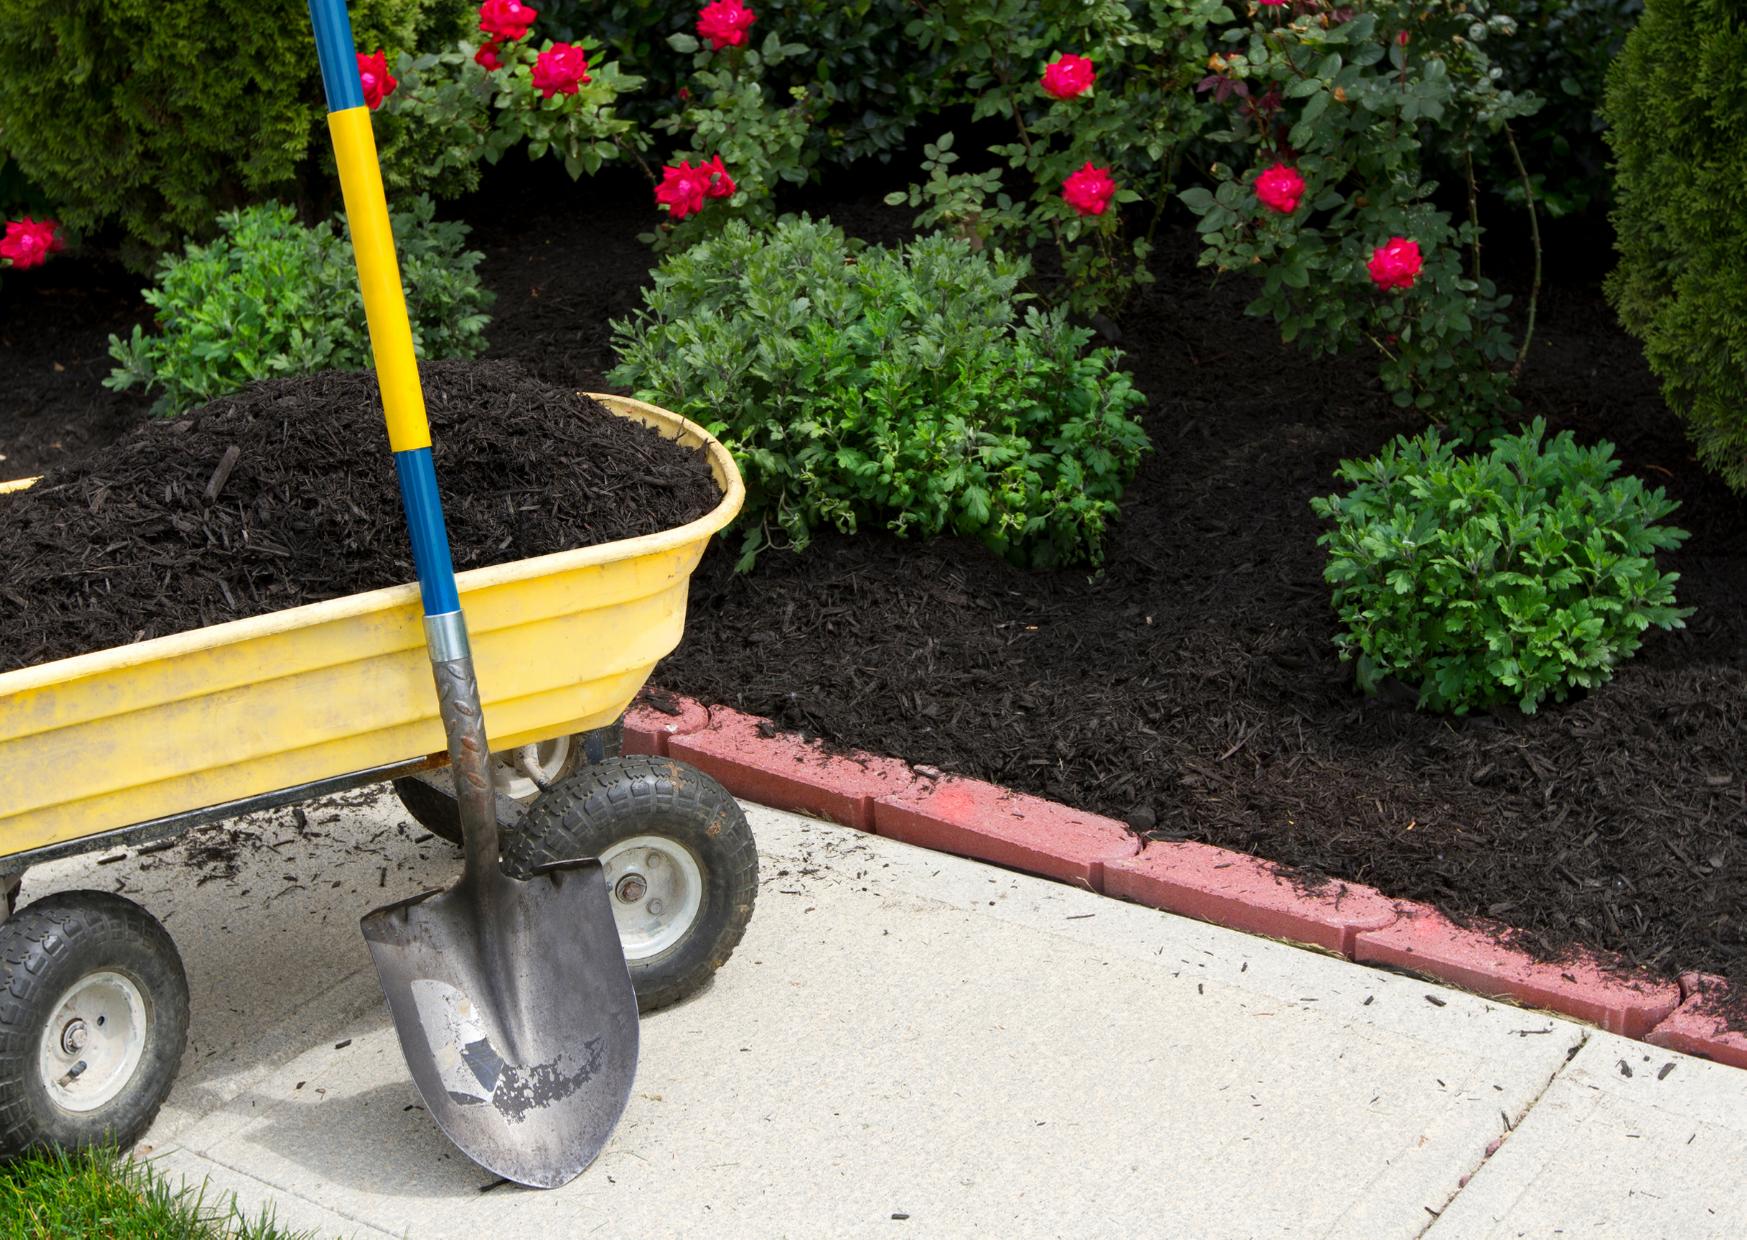 a wheel barrow with gaeden mulch and a shovel in the garden